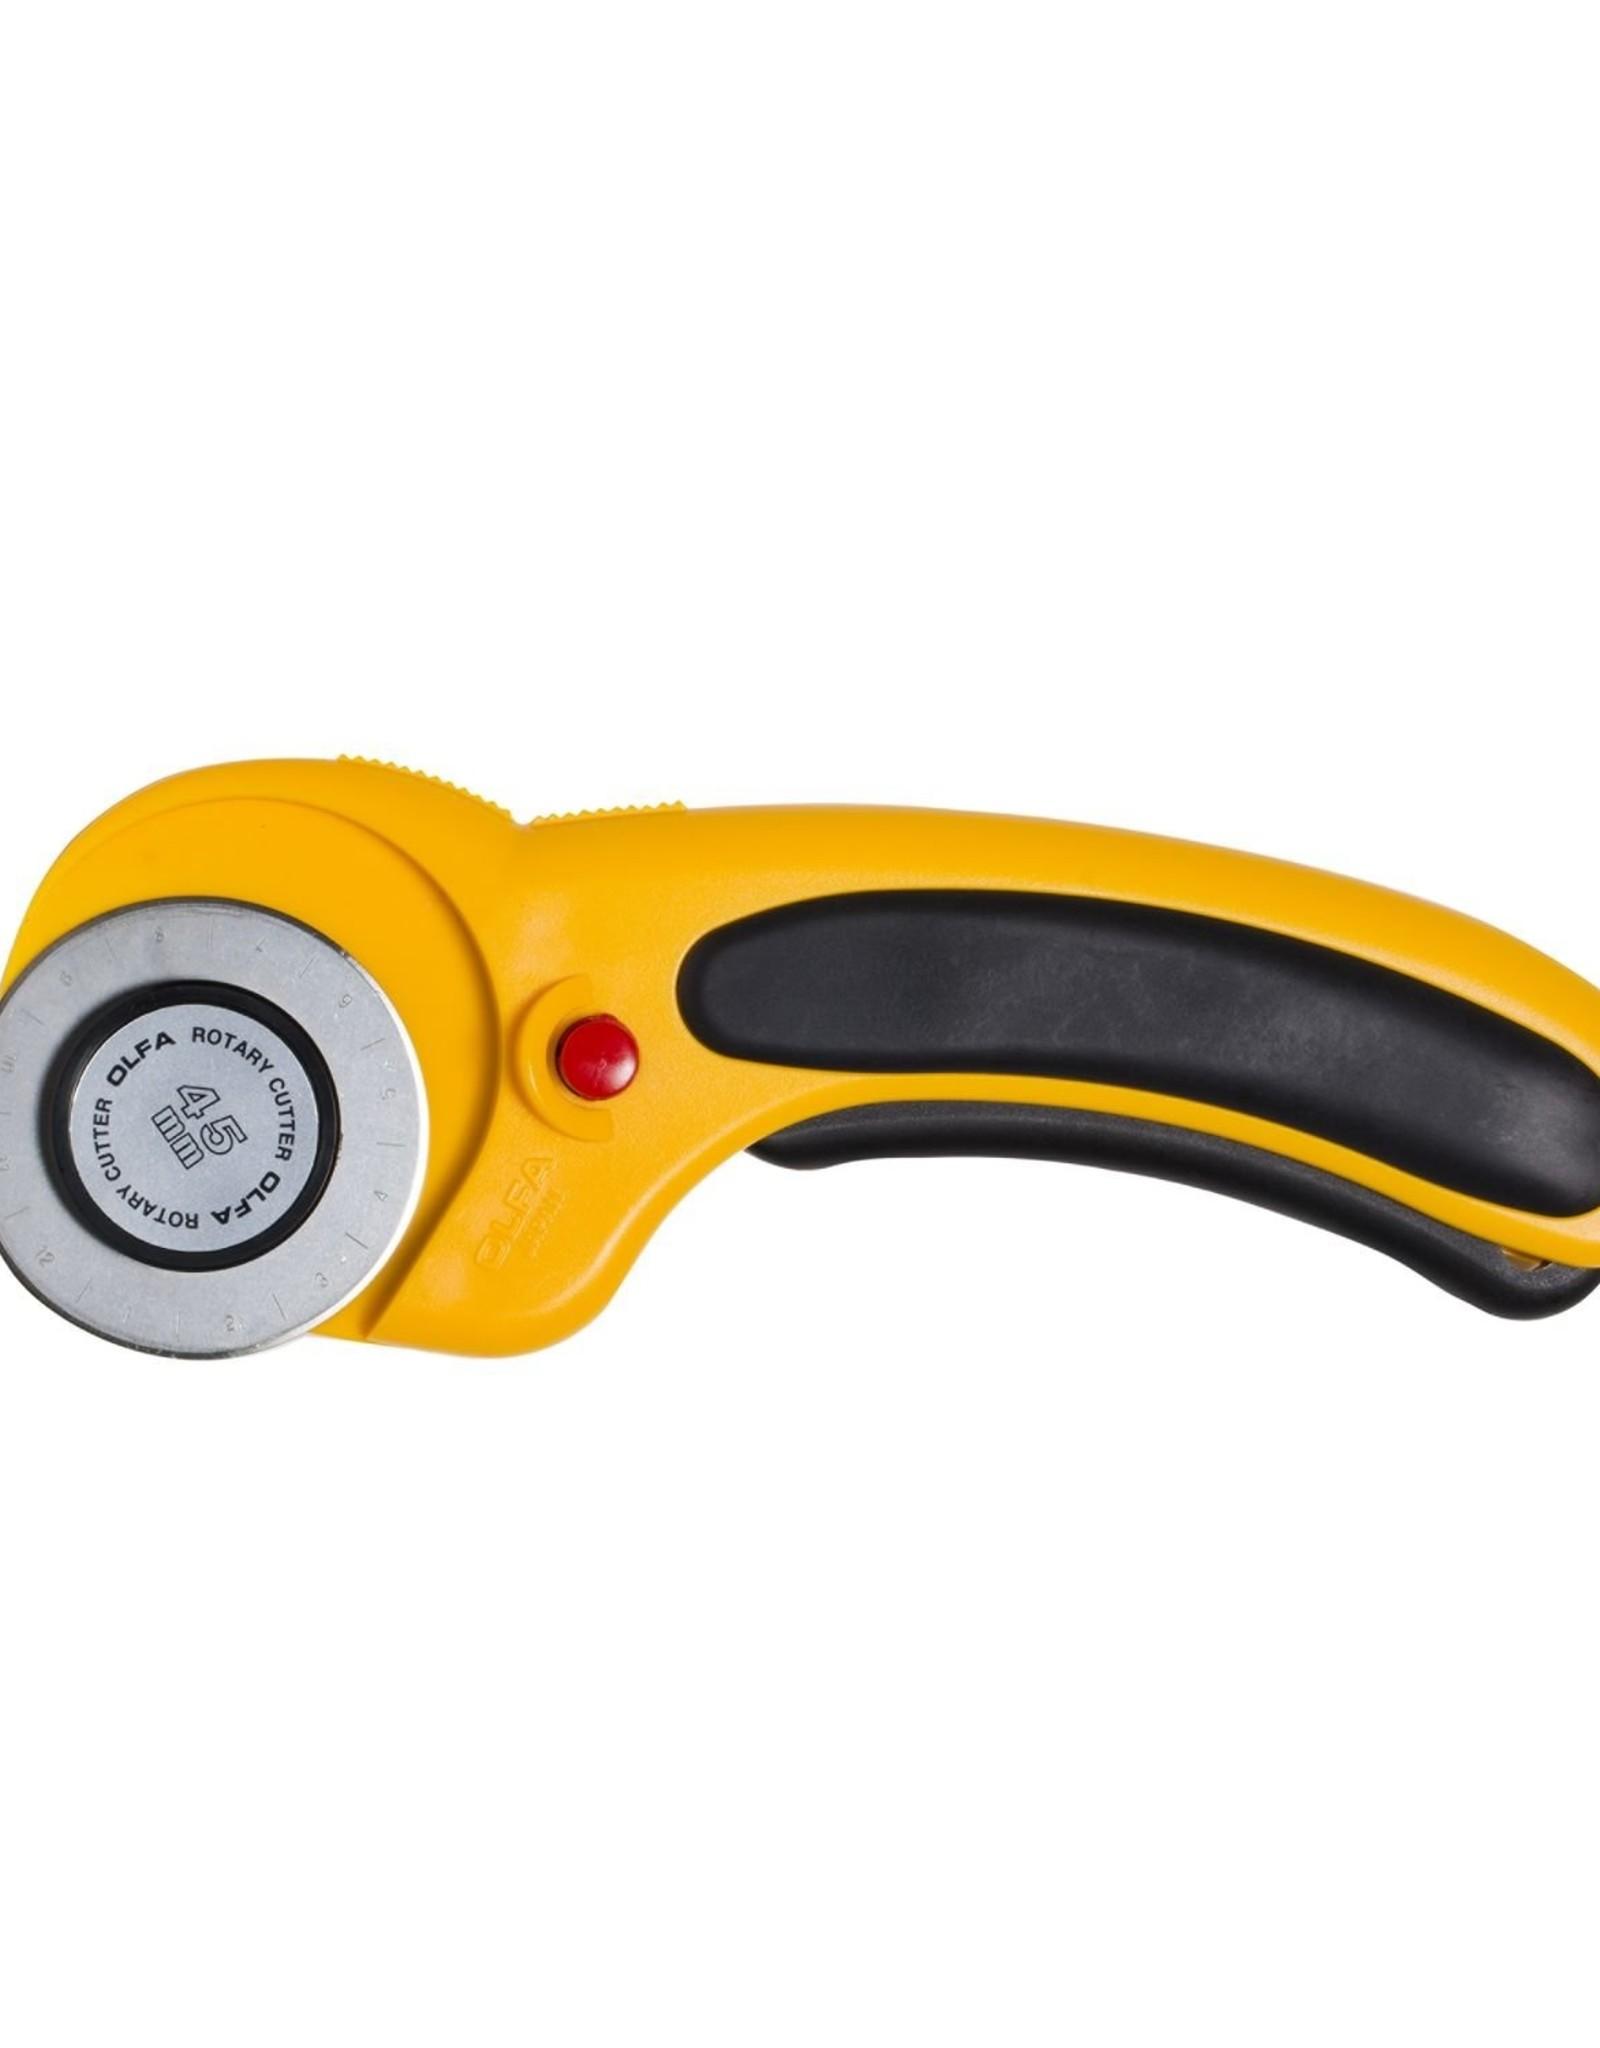 Olfa Sicherheitsrollschneider 45 mm